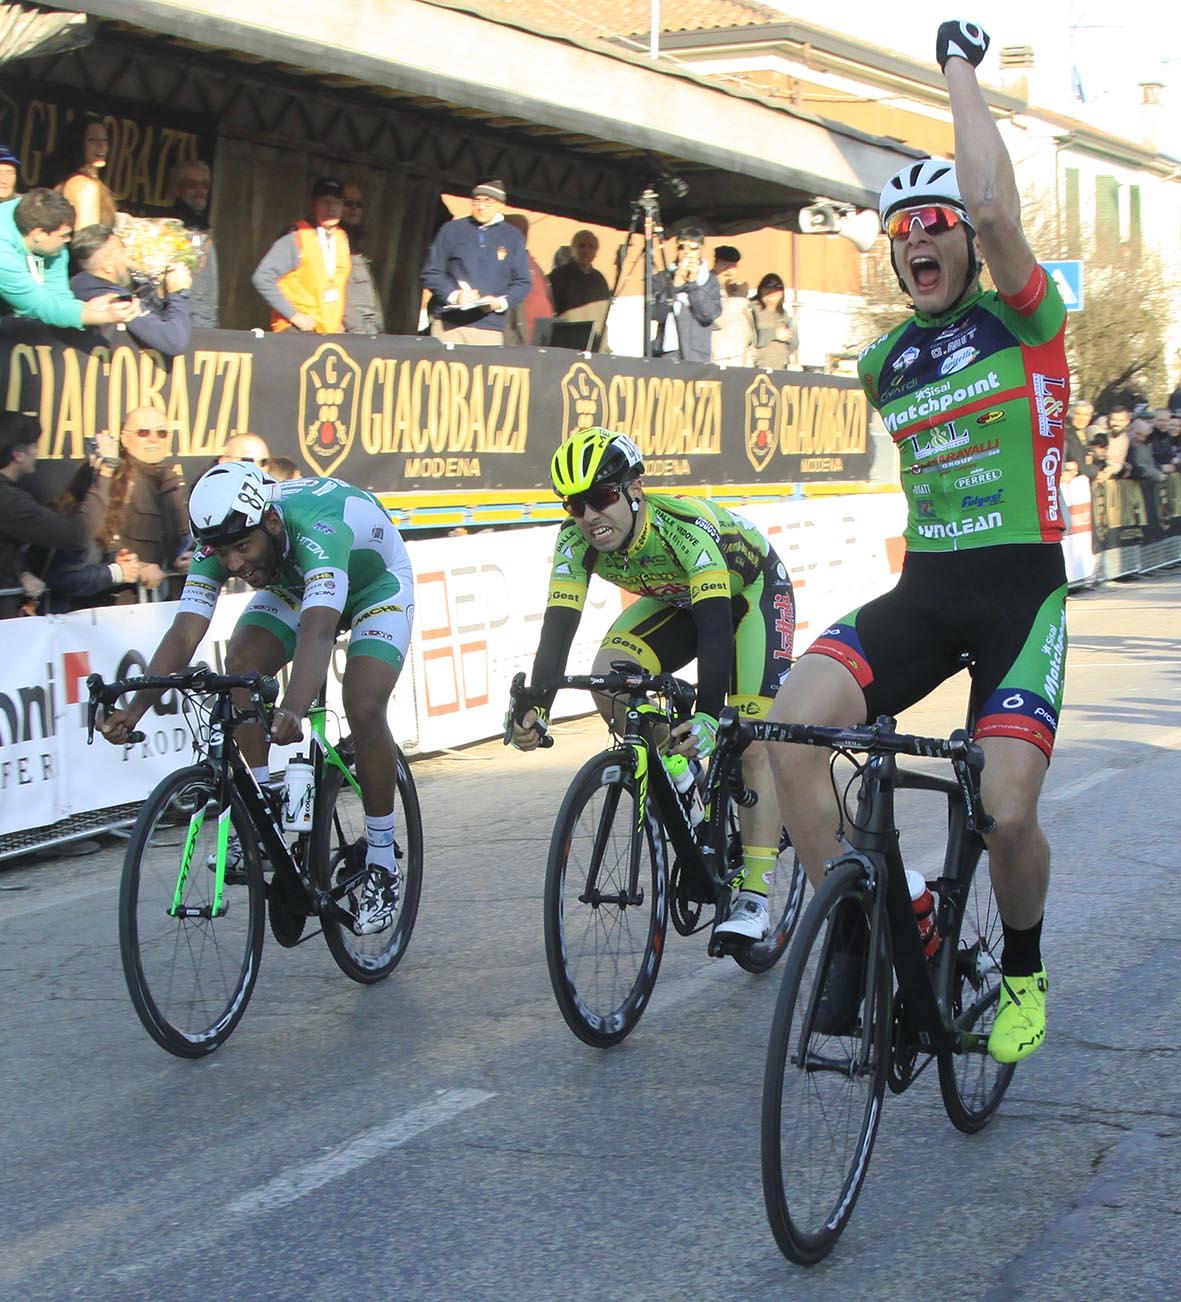 La vittoria di Damiano Cima a San Bernardino di Lugo (foto Rodella)